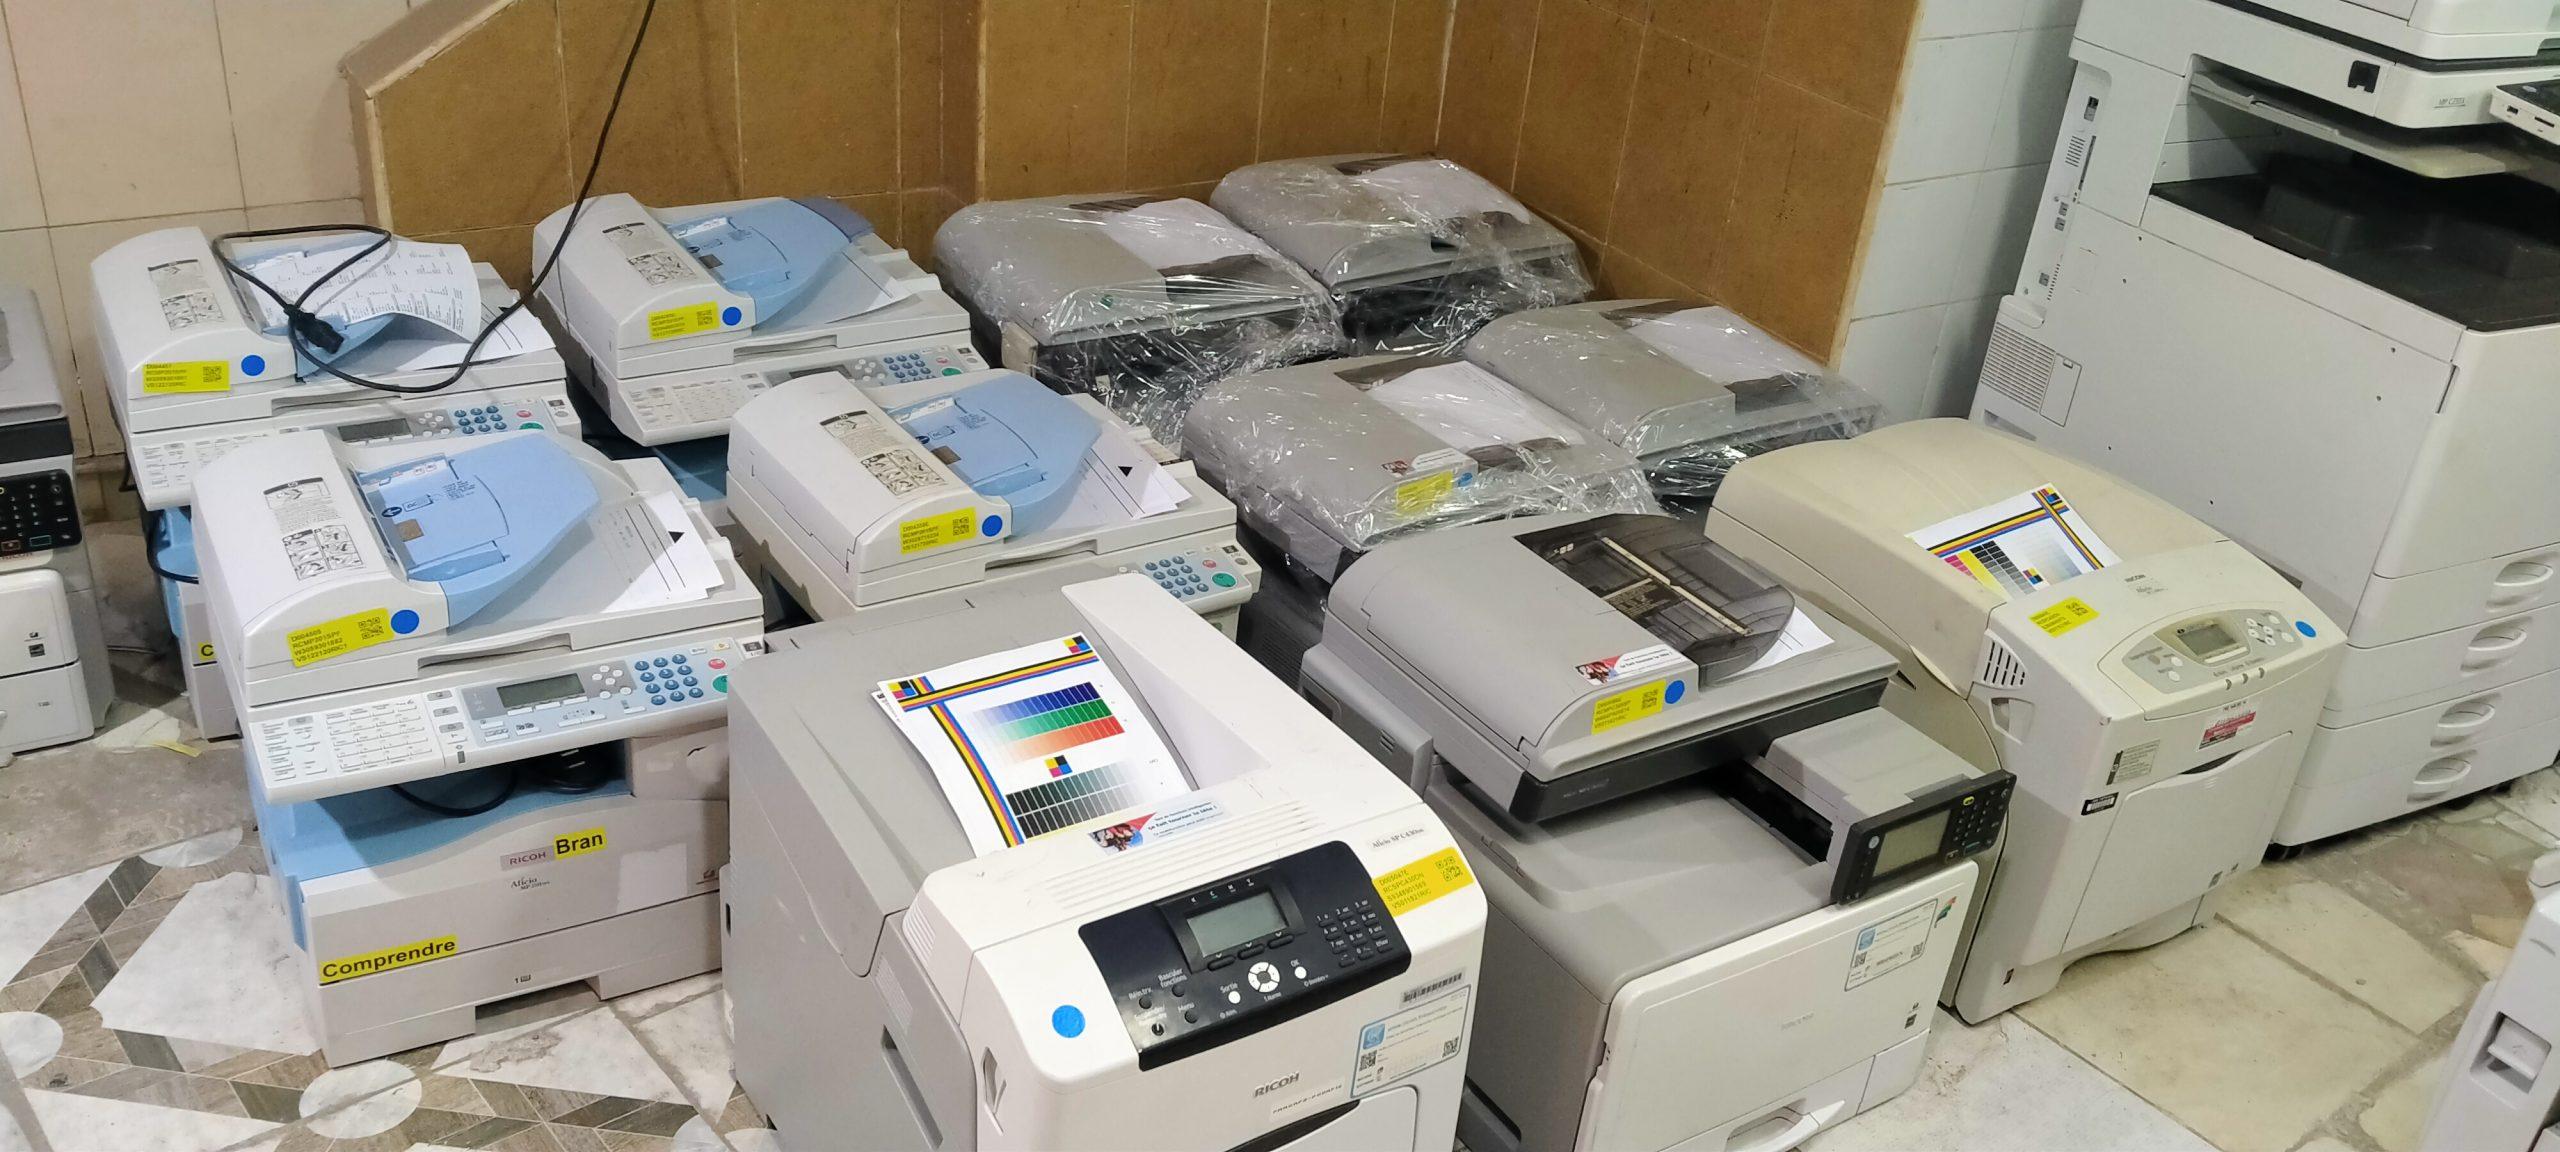 ماكينات تصوير مستندات صغيرة الحجم